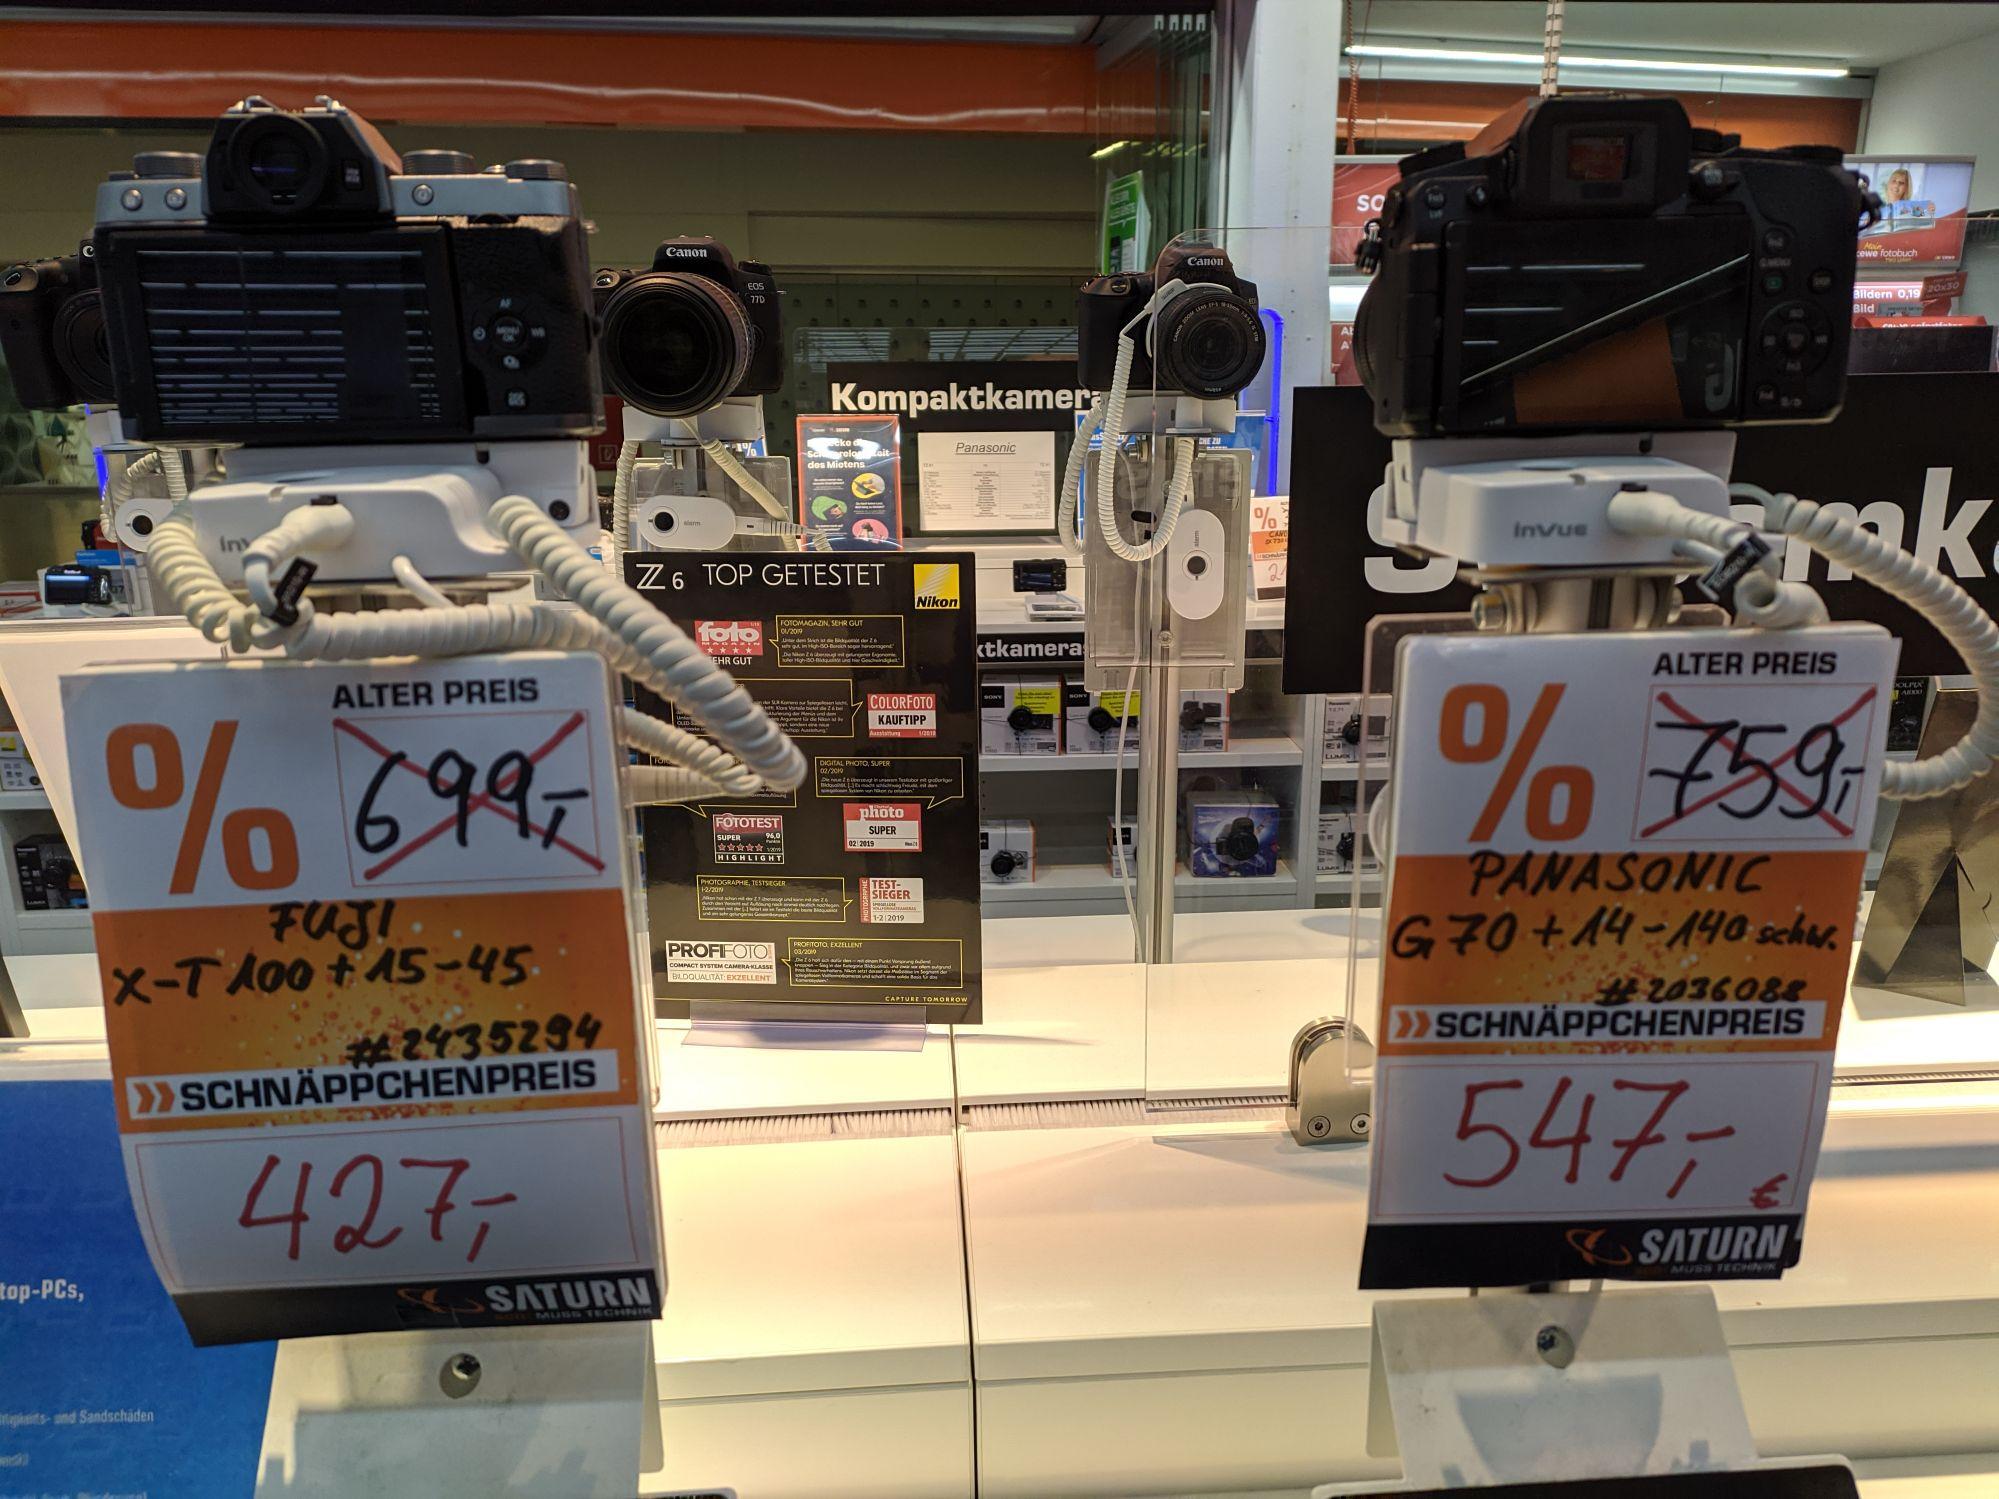 [Lokal Karlsruhe Saturn Durlach-Center] Fuji xt100 mit dem XC 15 - 45 und weitere Kameras